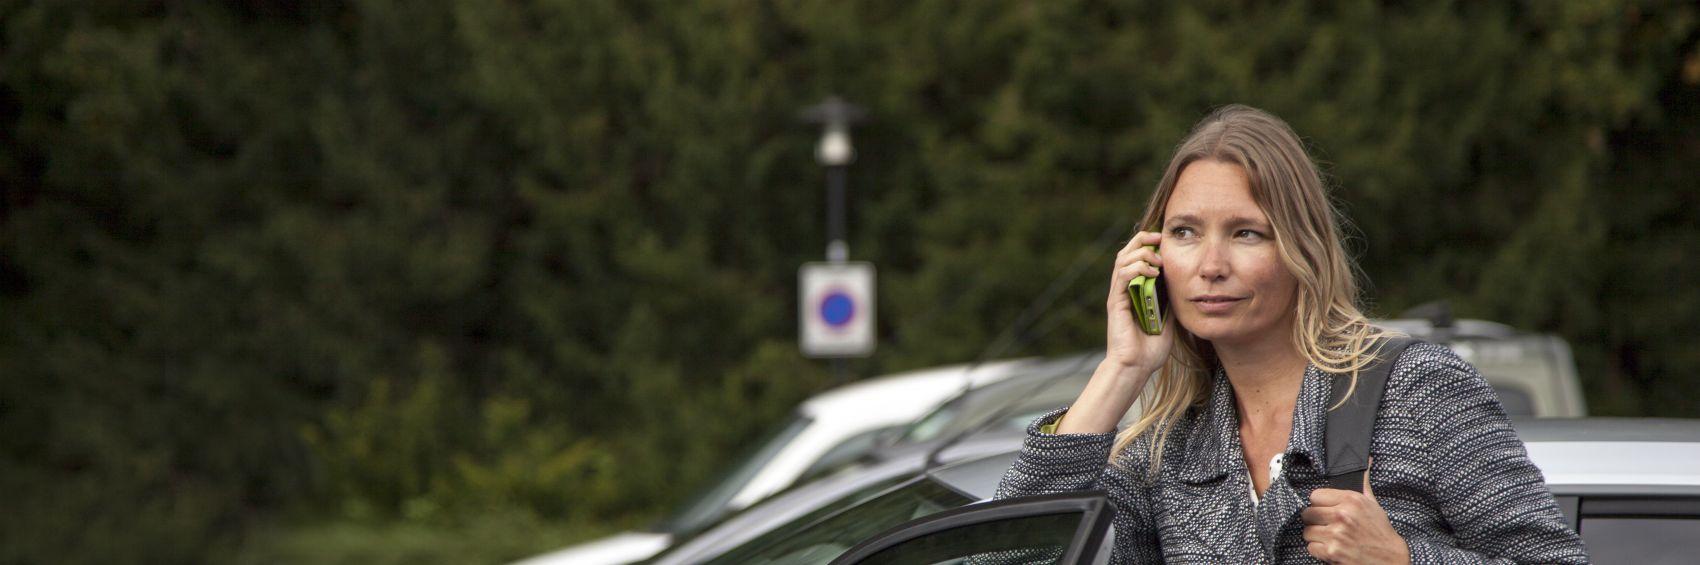 Vrouw aan de telefoon bij auto